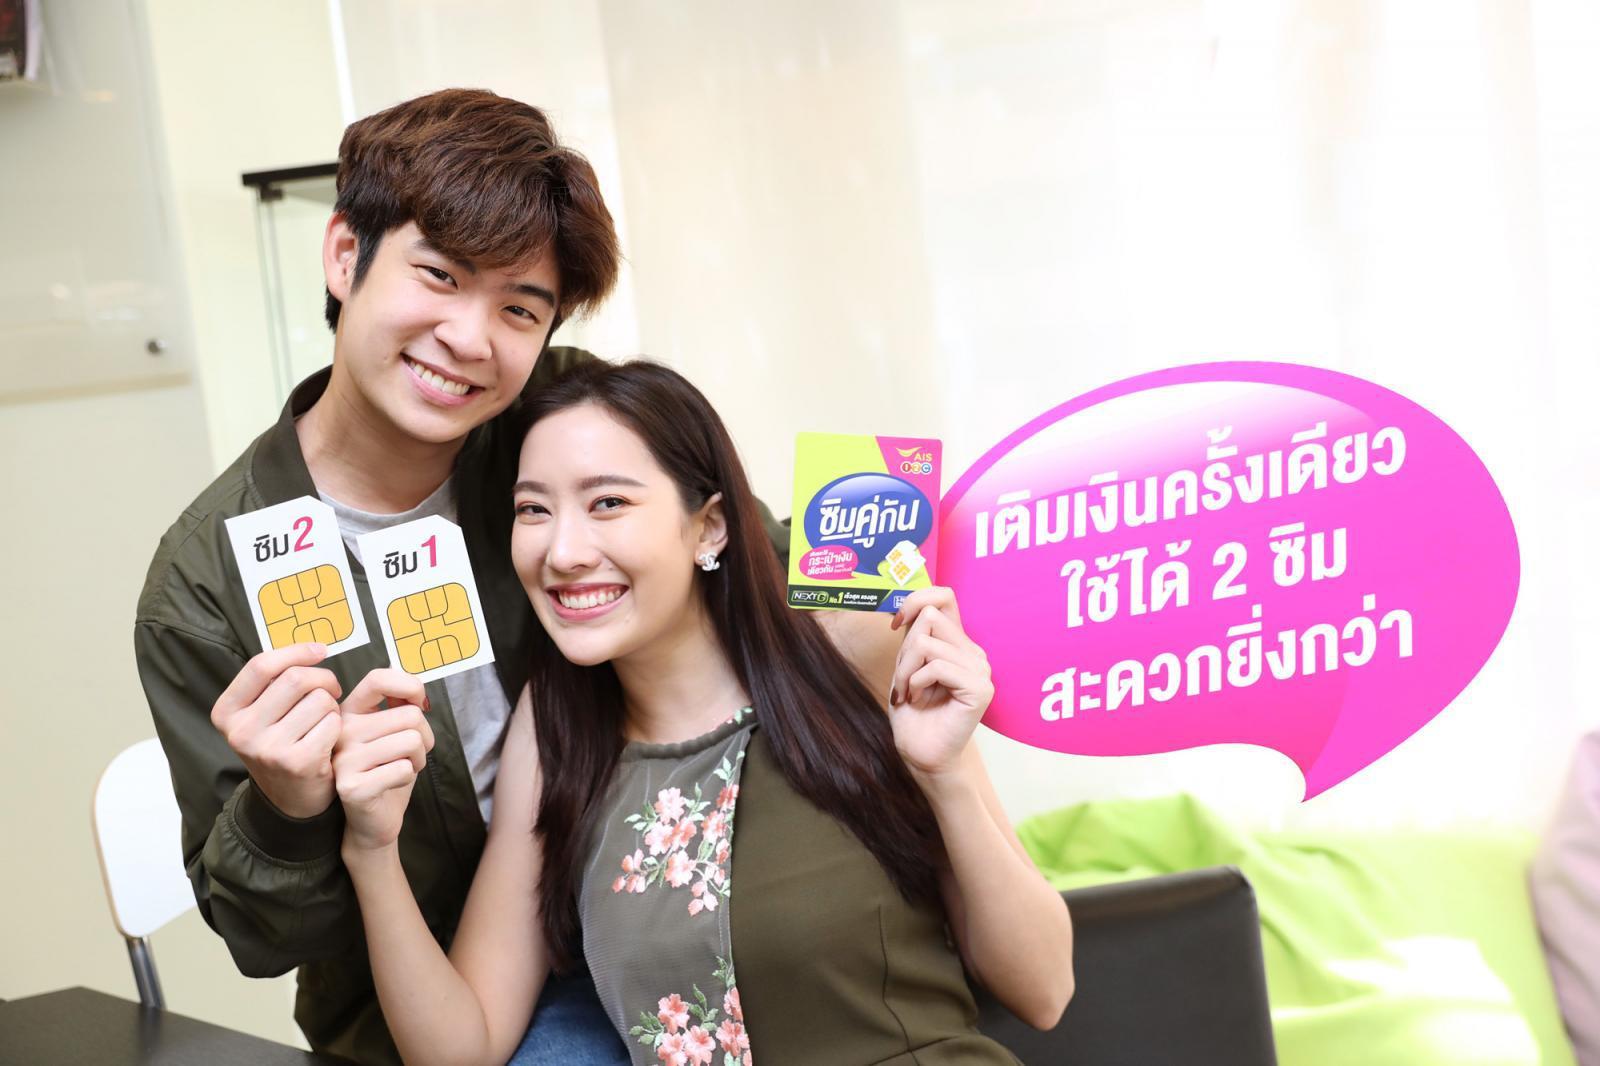 """ฉีกกฎซิมเติมเงินครั้งแรกในเอเชียตะวันออกเฉียงใต้และไทย """"ซิมคู่กัน"""""""